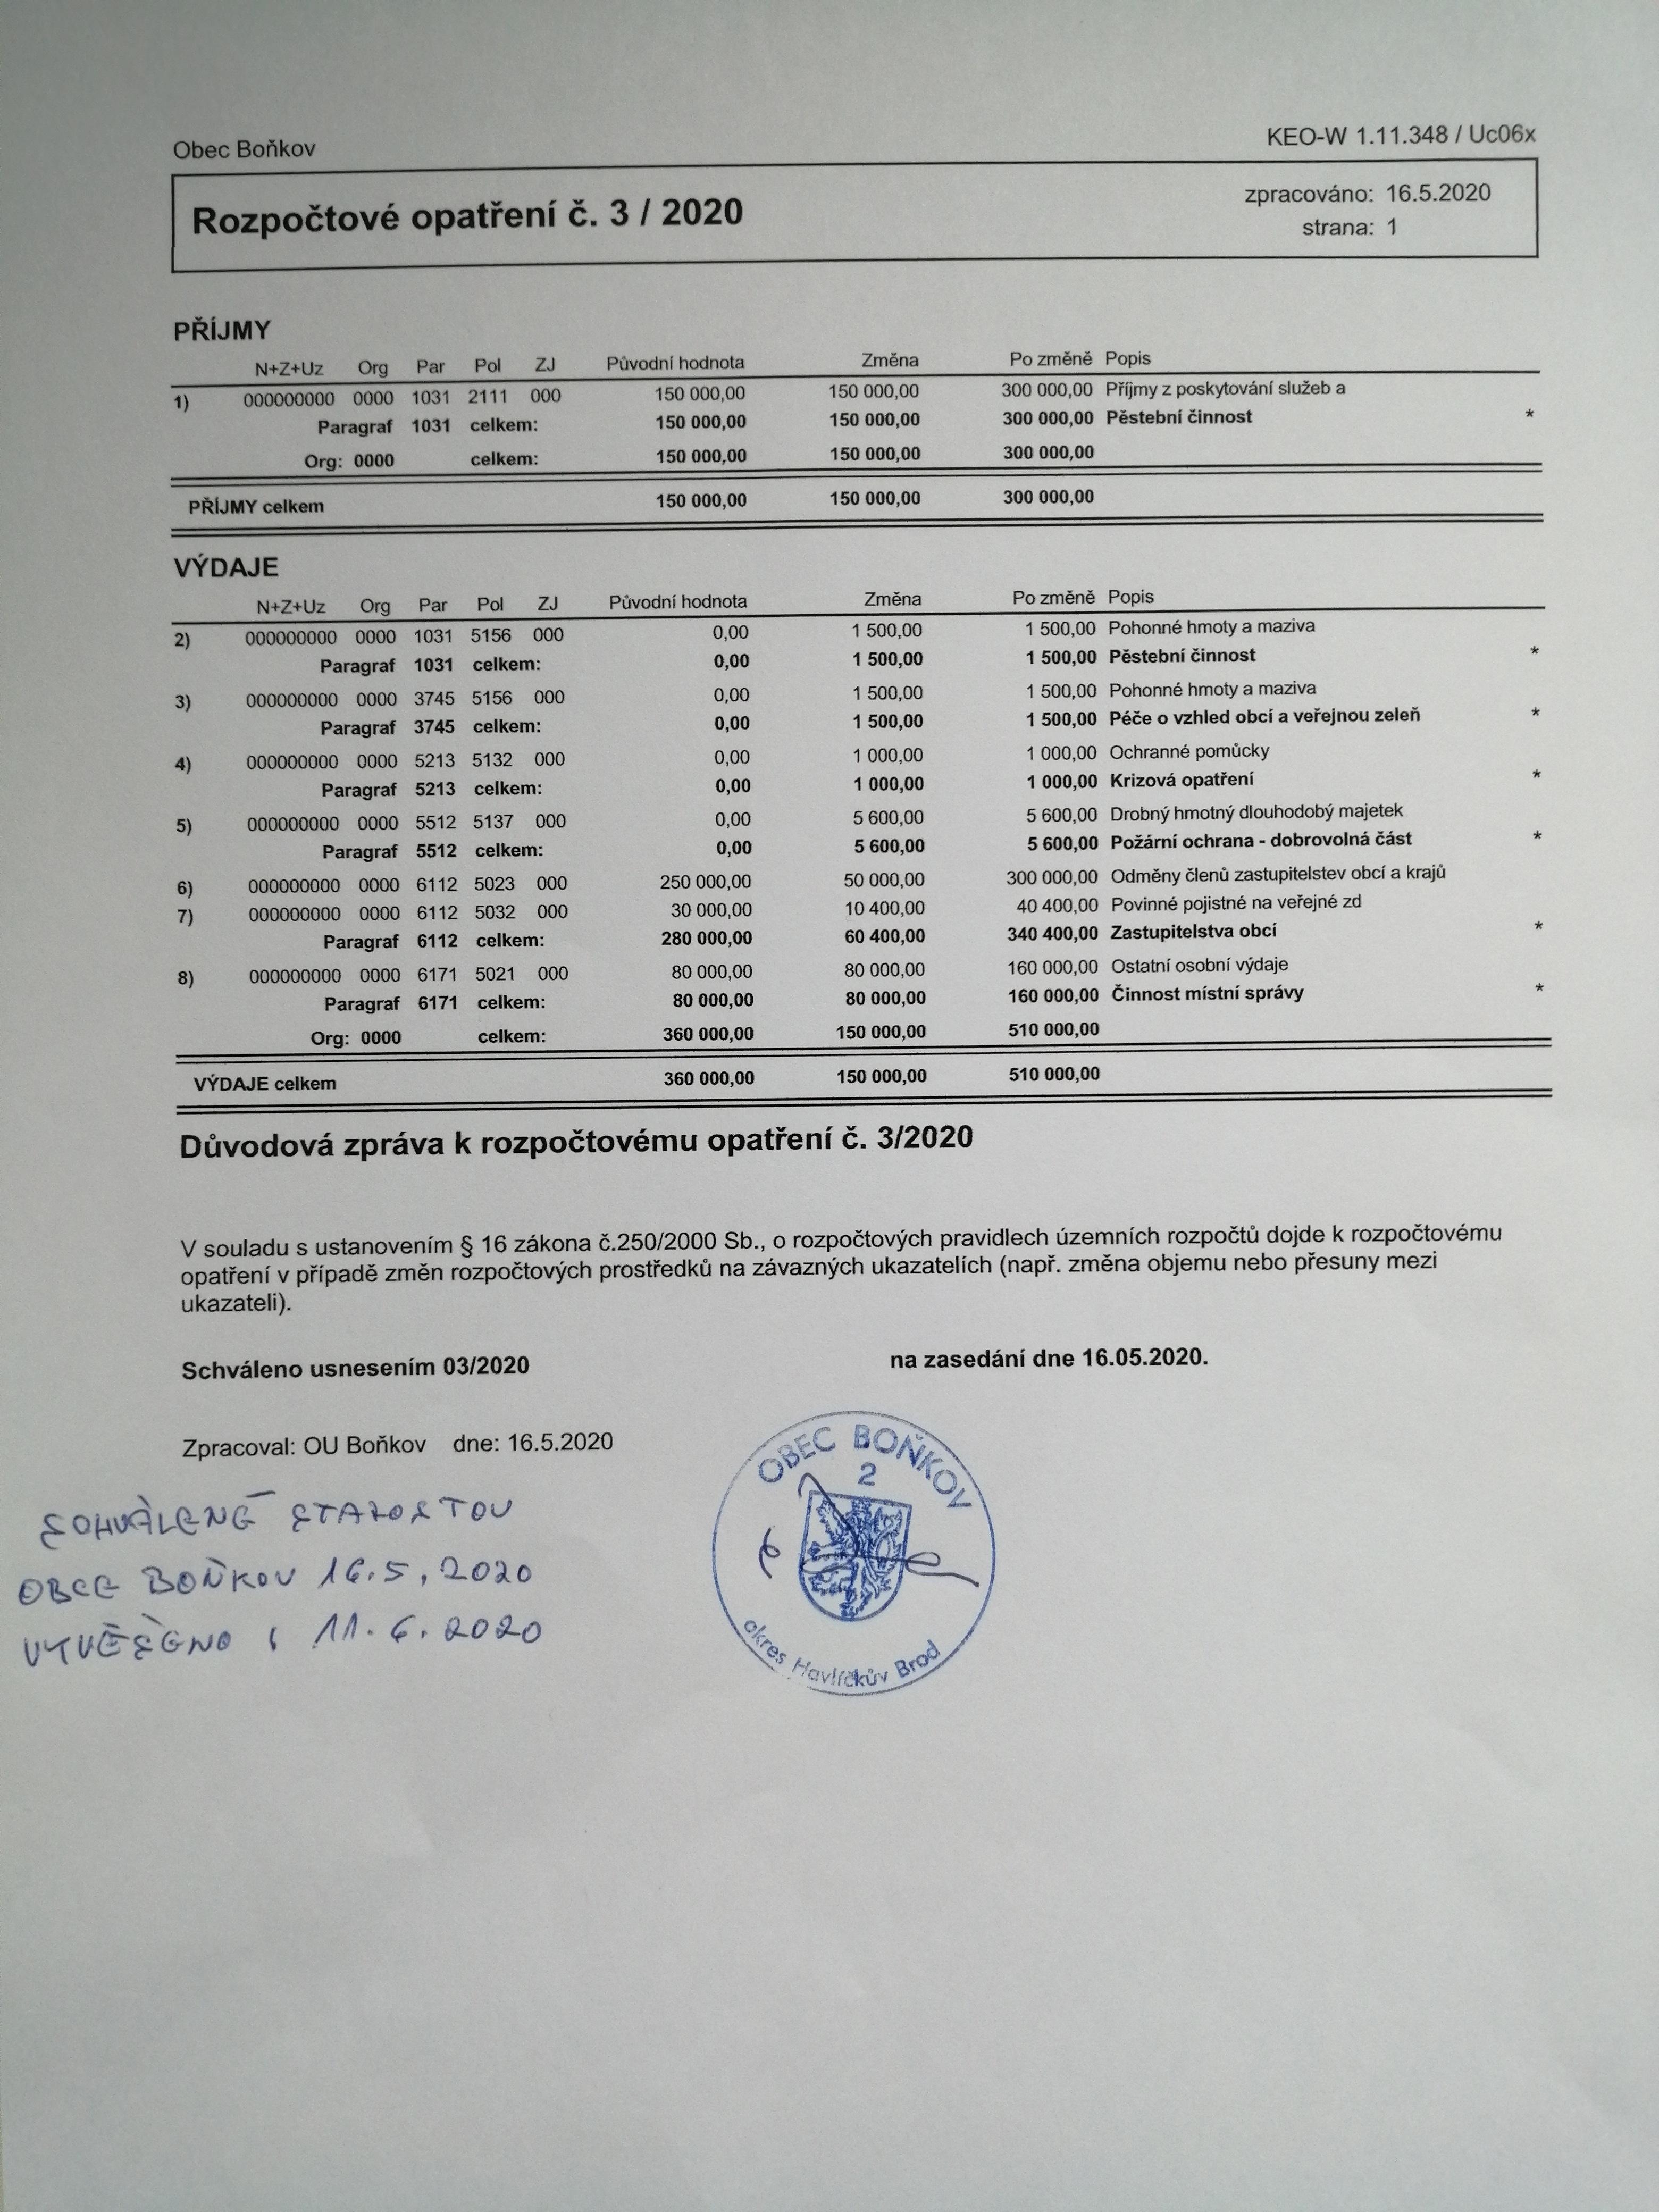 Rozpočtové opatření č. 3/2020